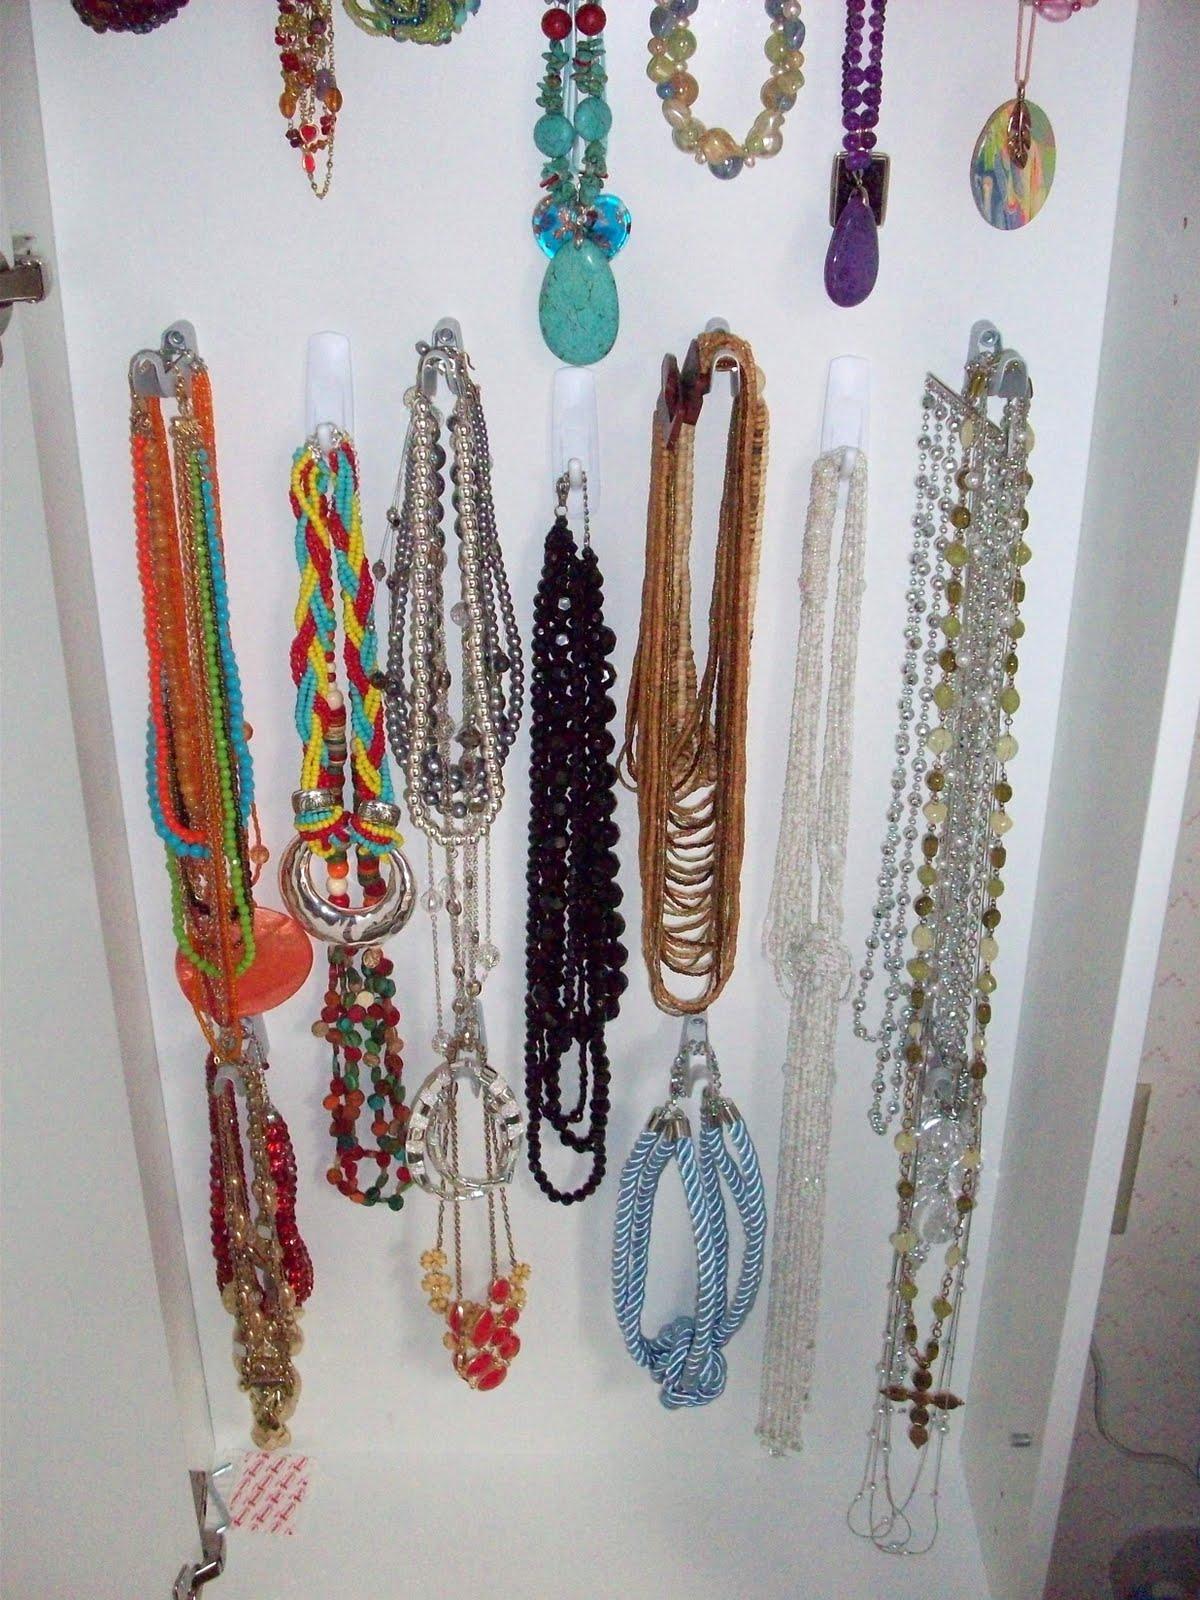 Un joyero para las m s fashion i love it decoraci n retro - Colgador de collares ikea ...